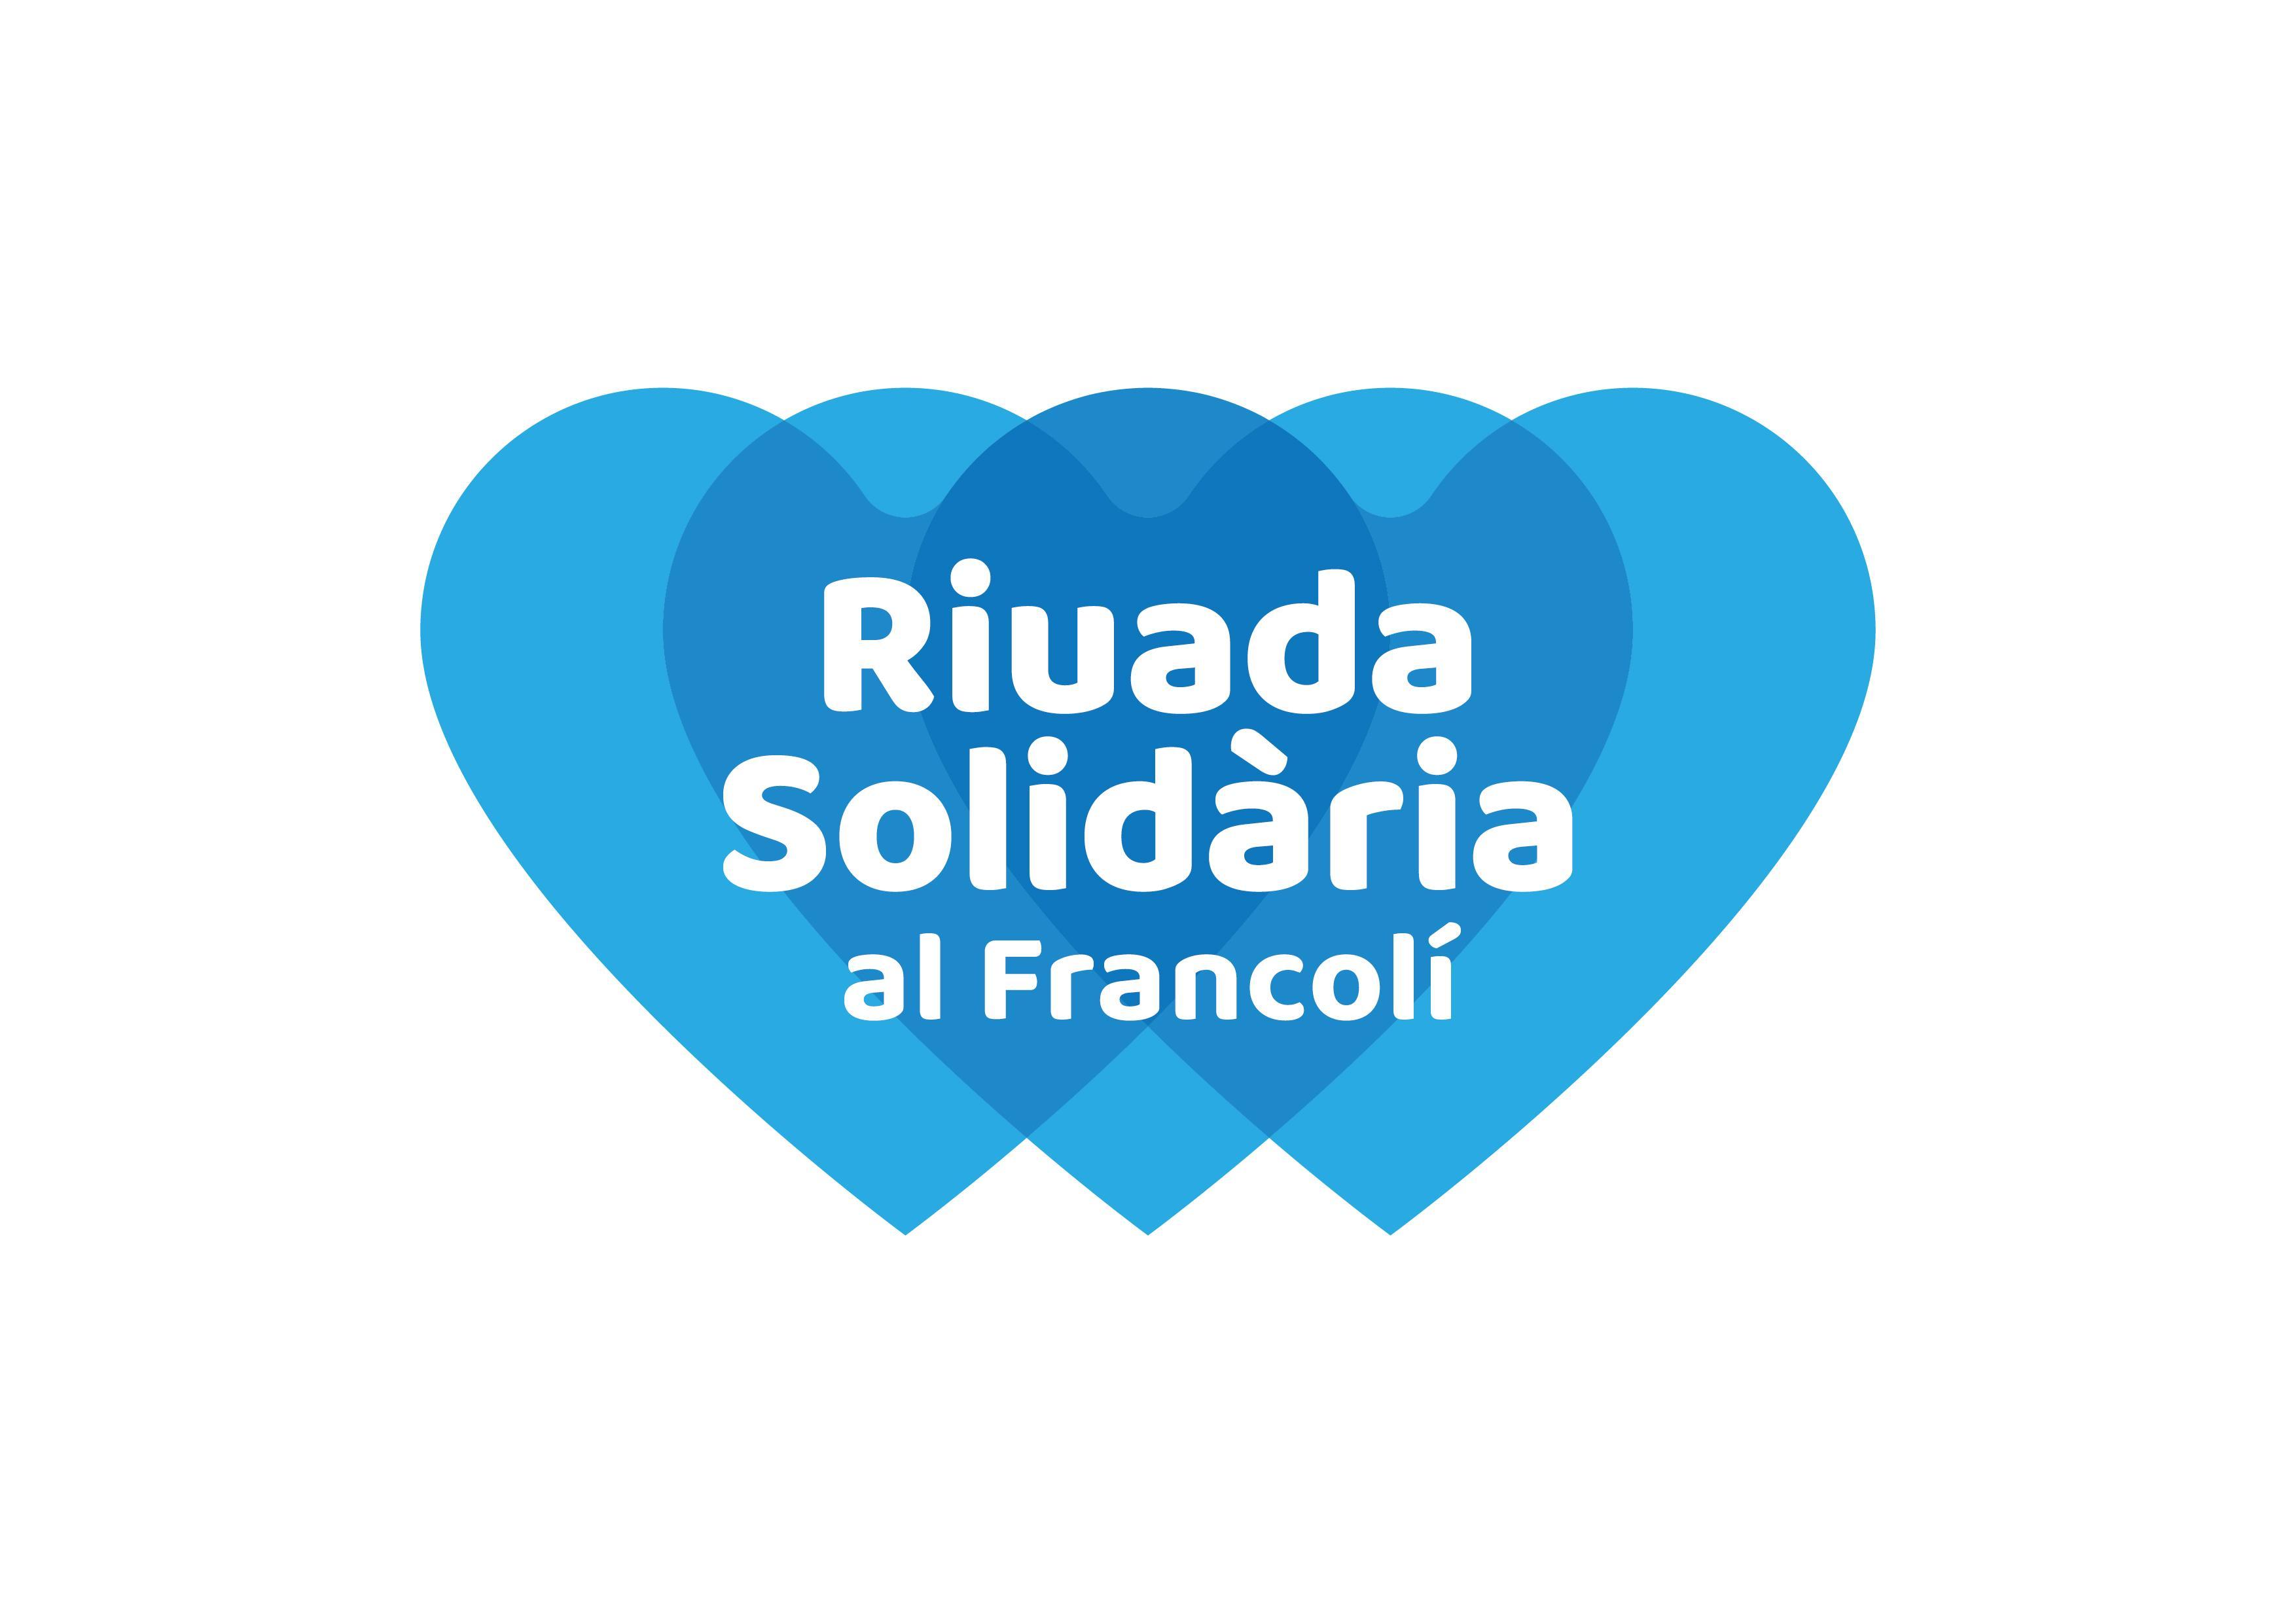 Mercat Solidari destinat a la plataforma Riuada Solidària al Francolí